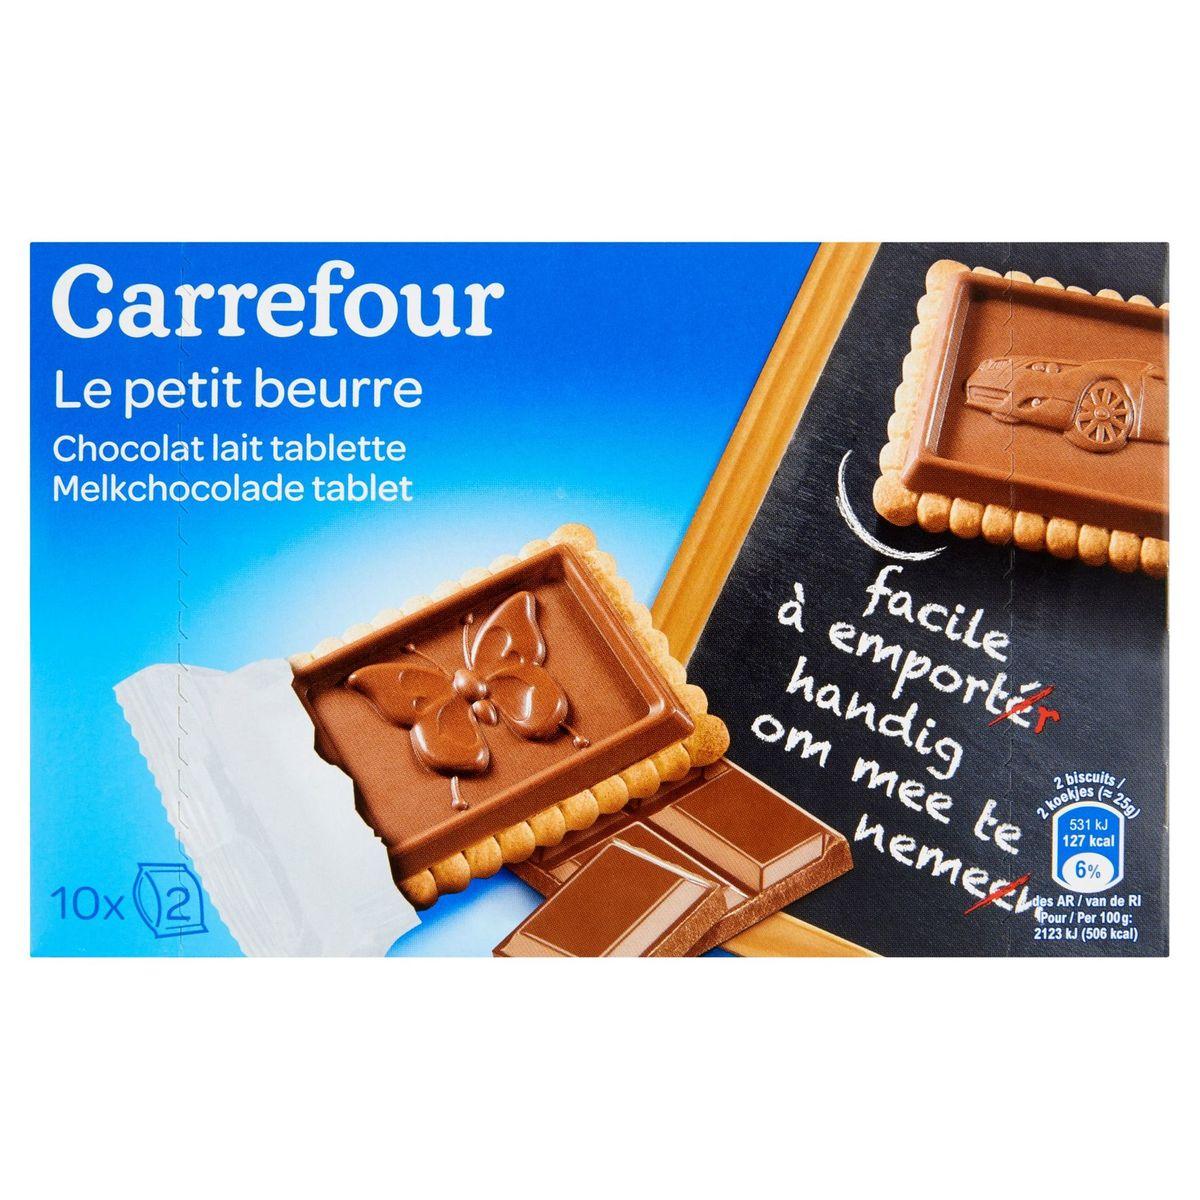 Carrefour Le Petit Beurre Chocolat Lait Tablette 10 x 25 g